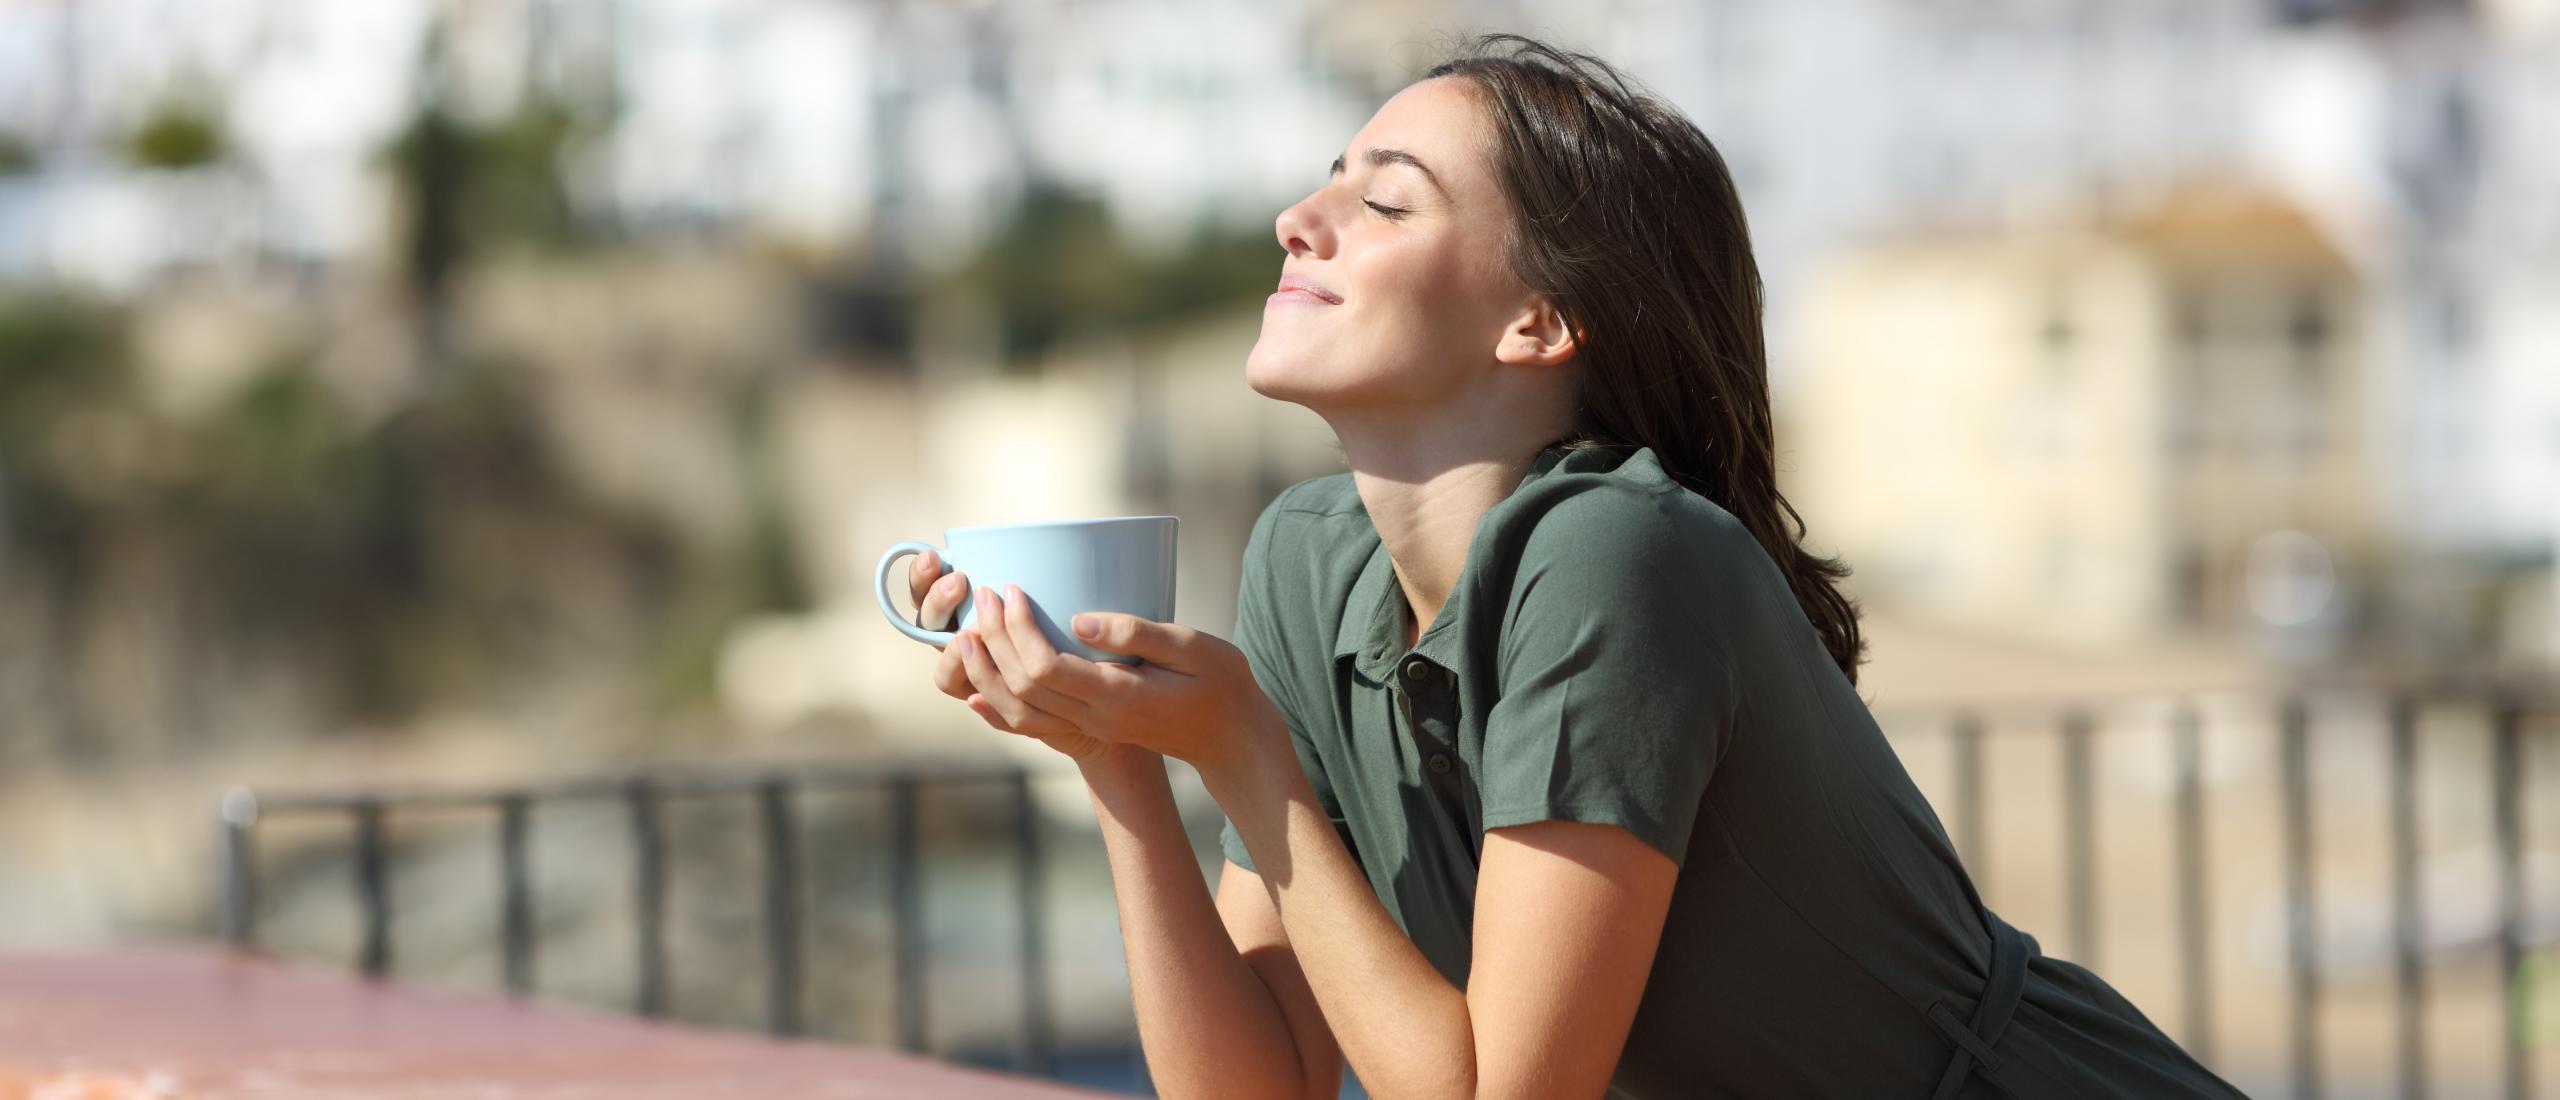 Dit is waarom decaf koffie de trend zet